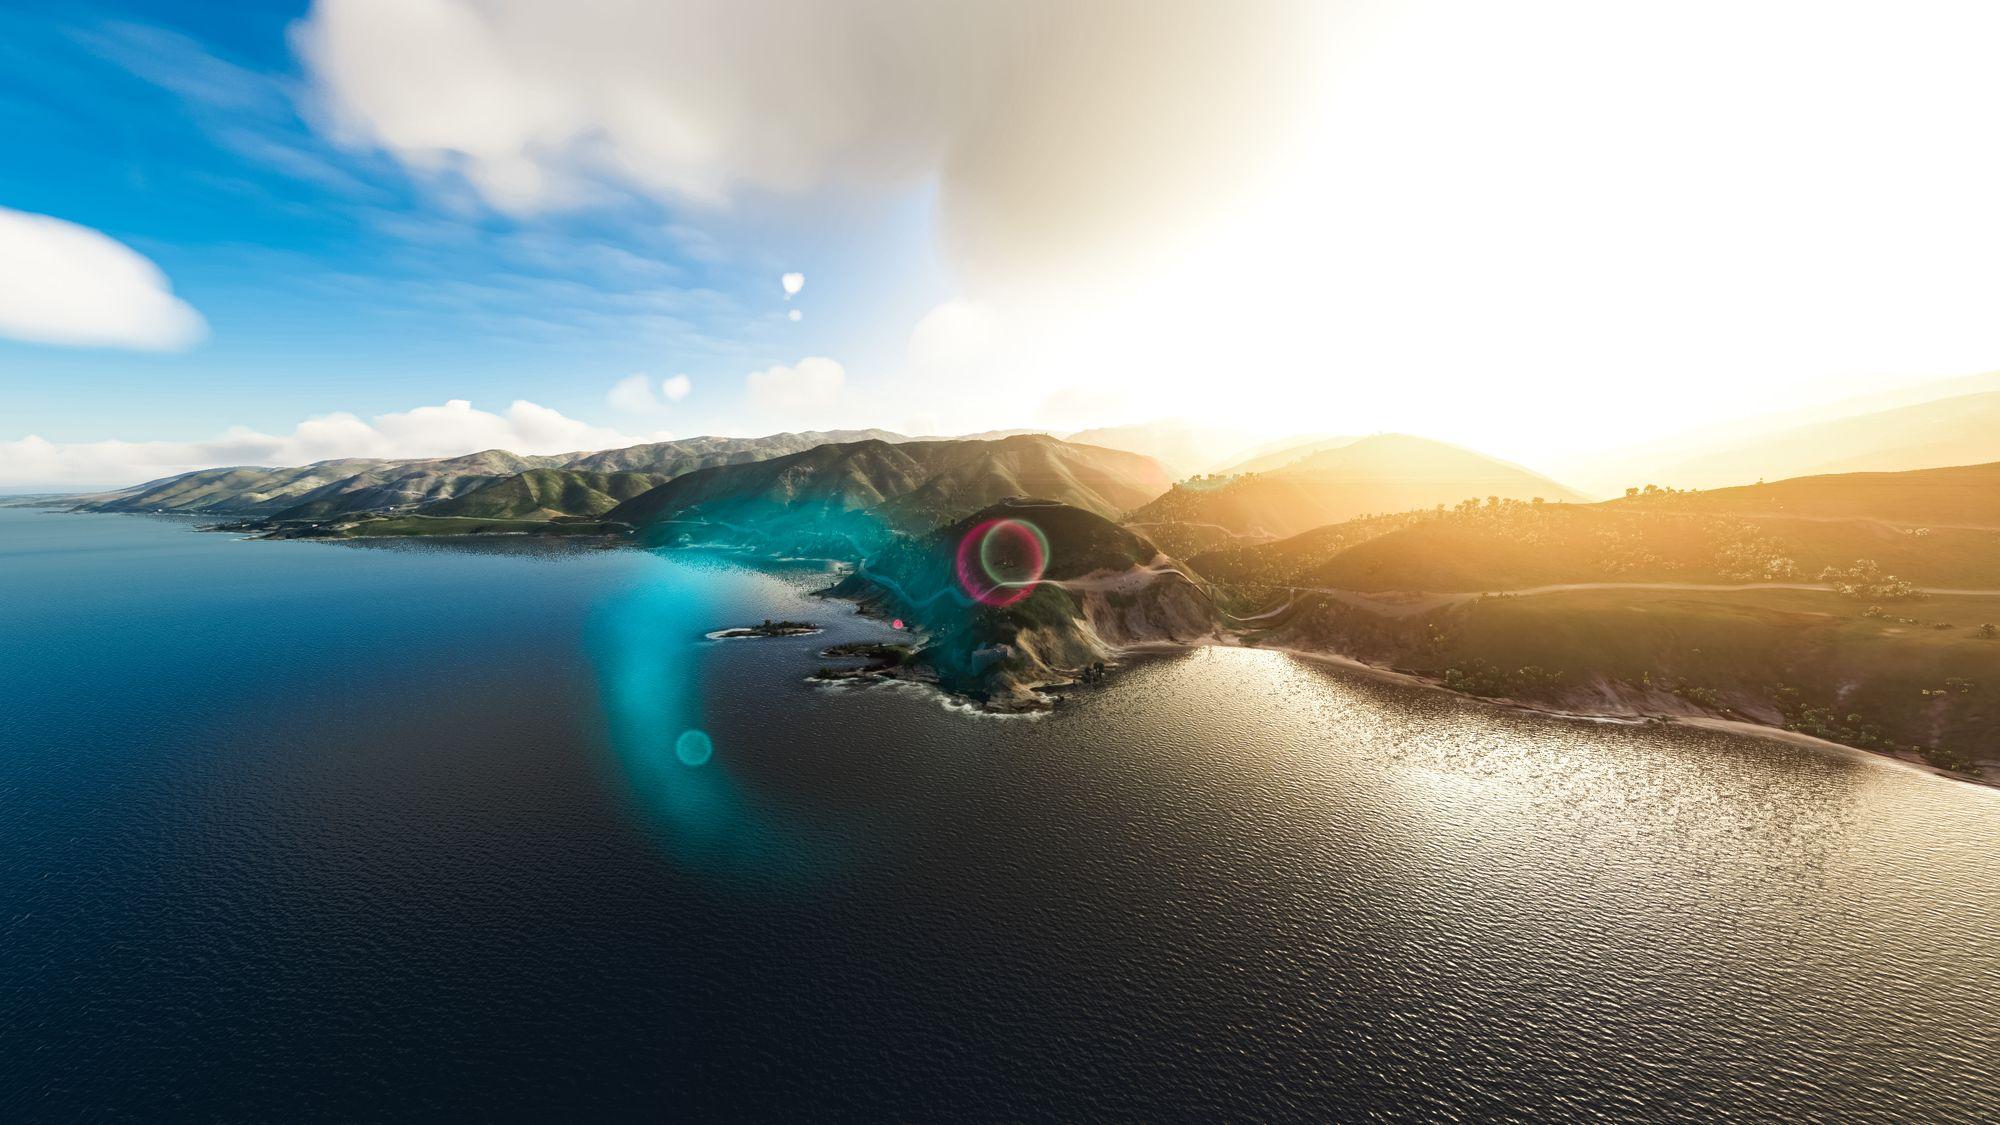 Microsoft Flight Simulator macOS Big Sur fond d'écran